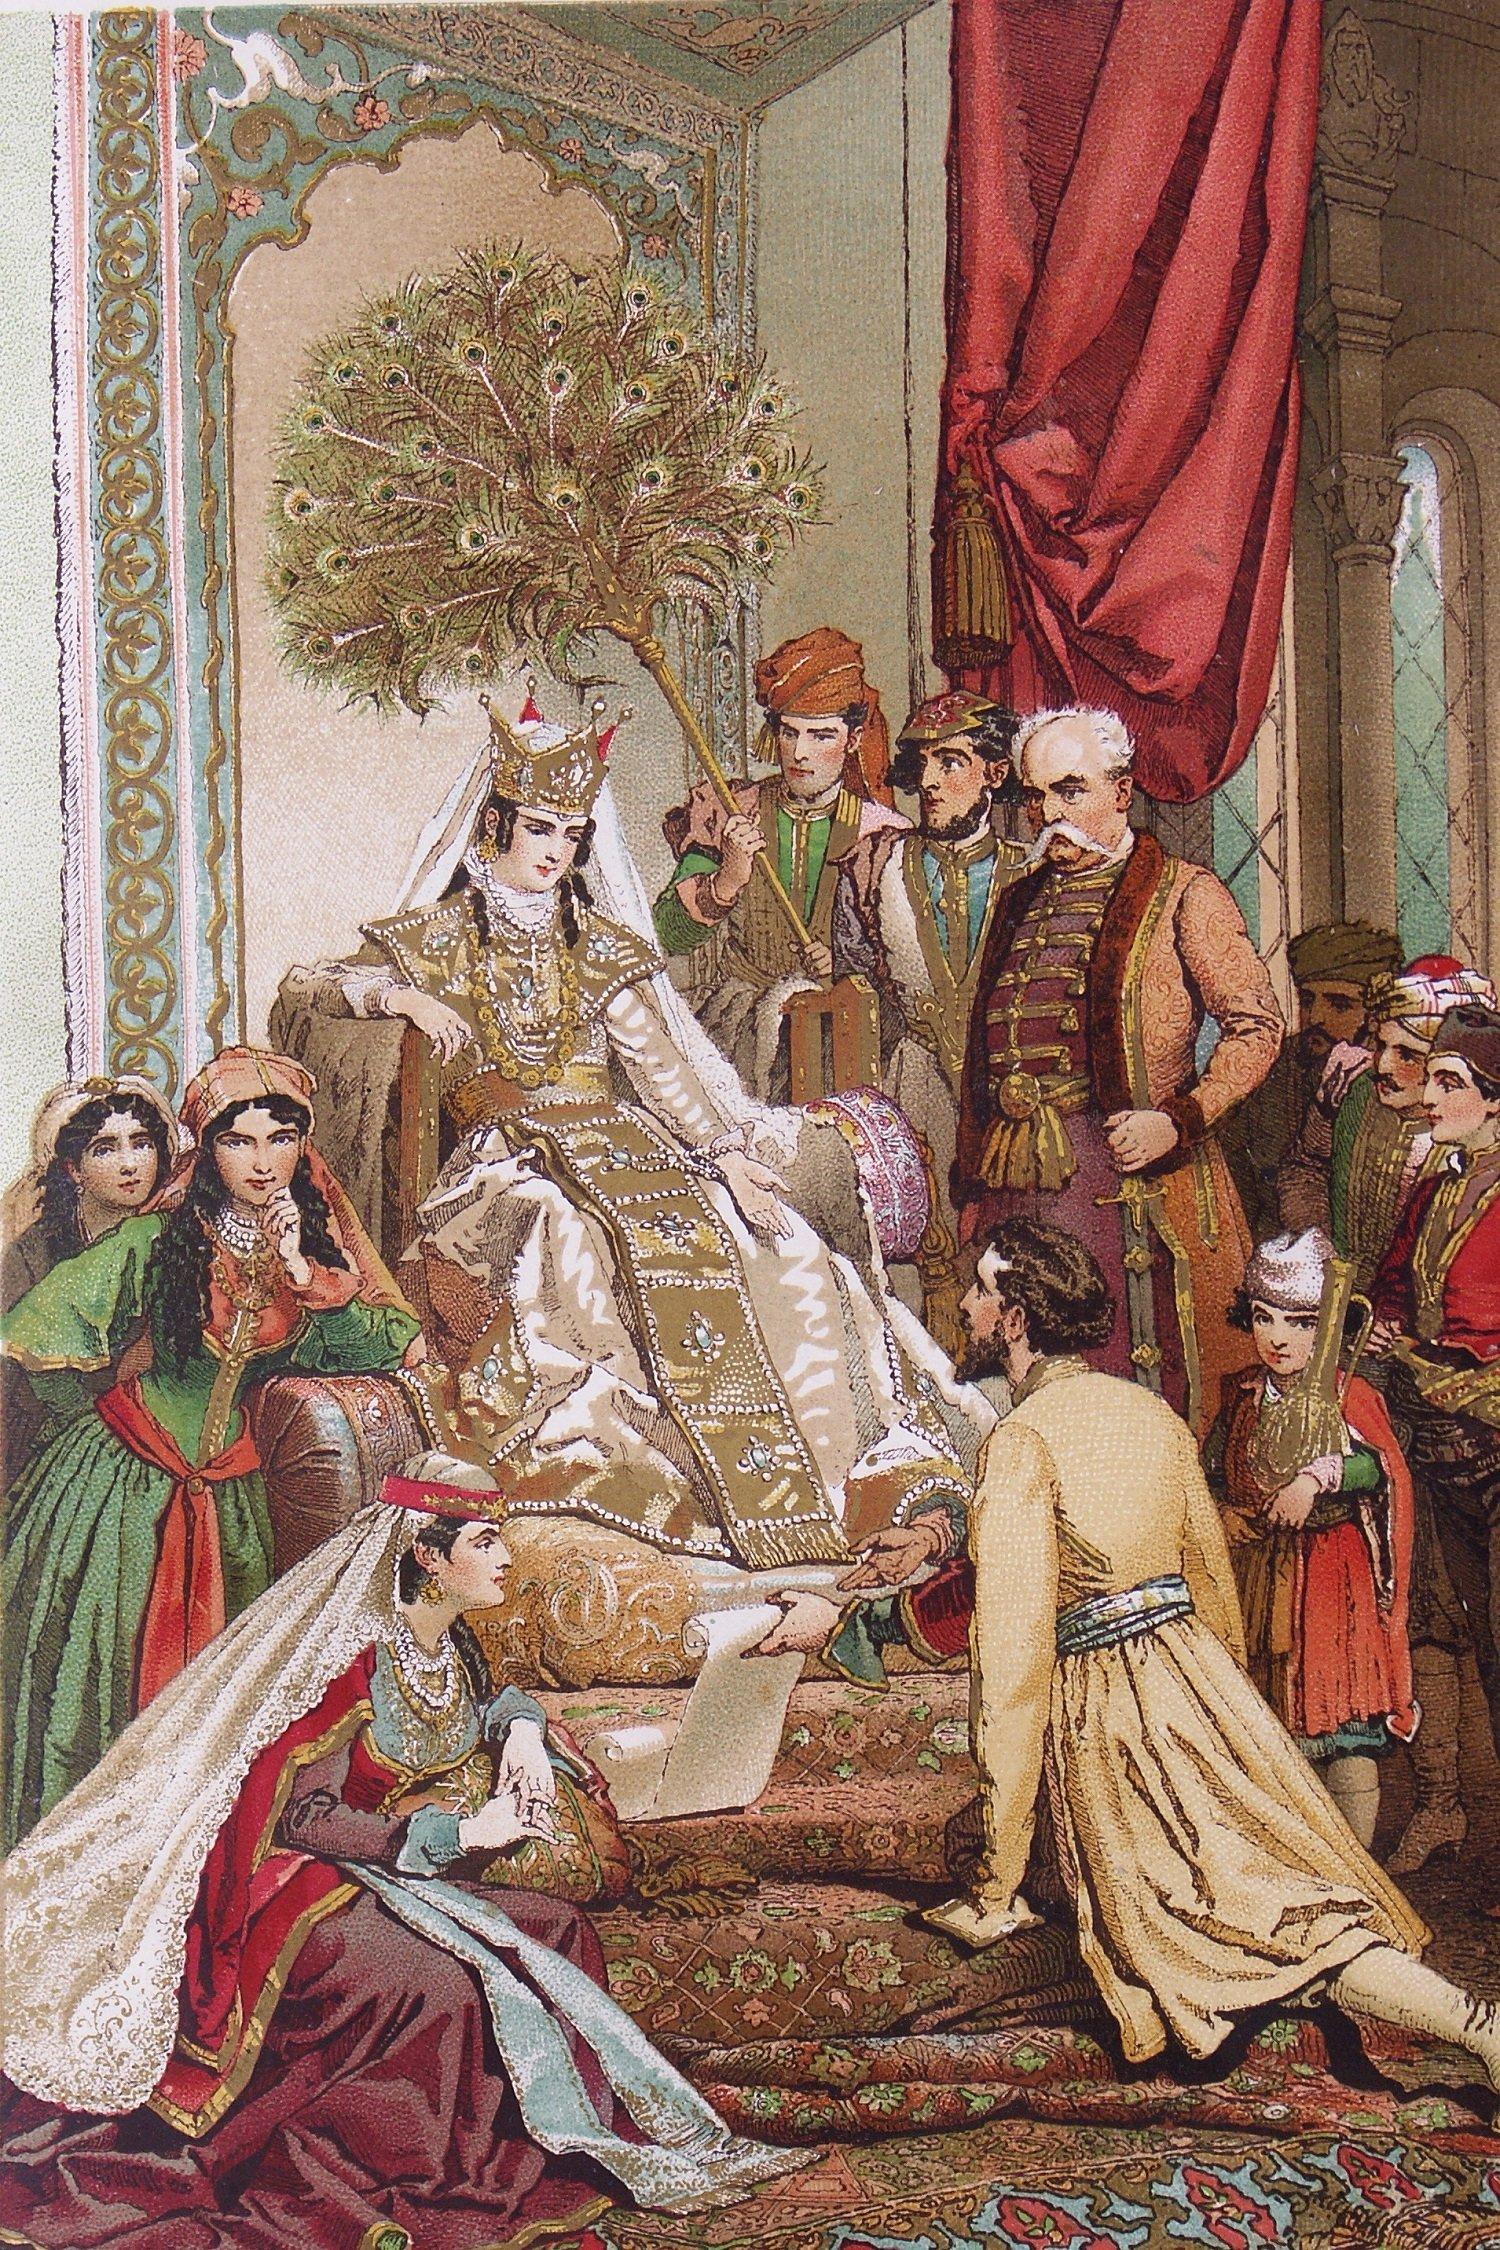 Михай Зичи Руставели передает свое творение царице Тамар